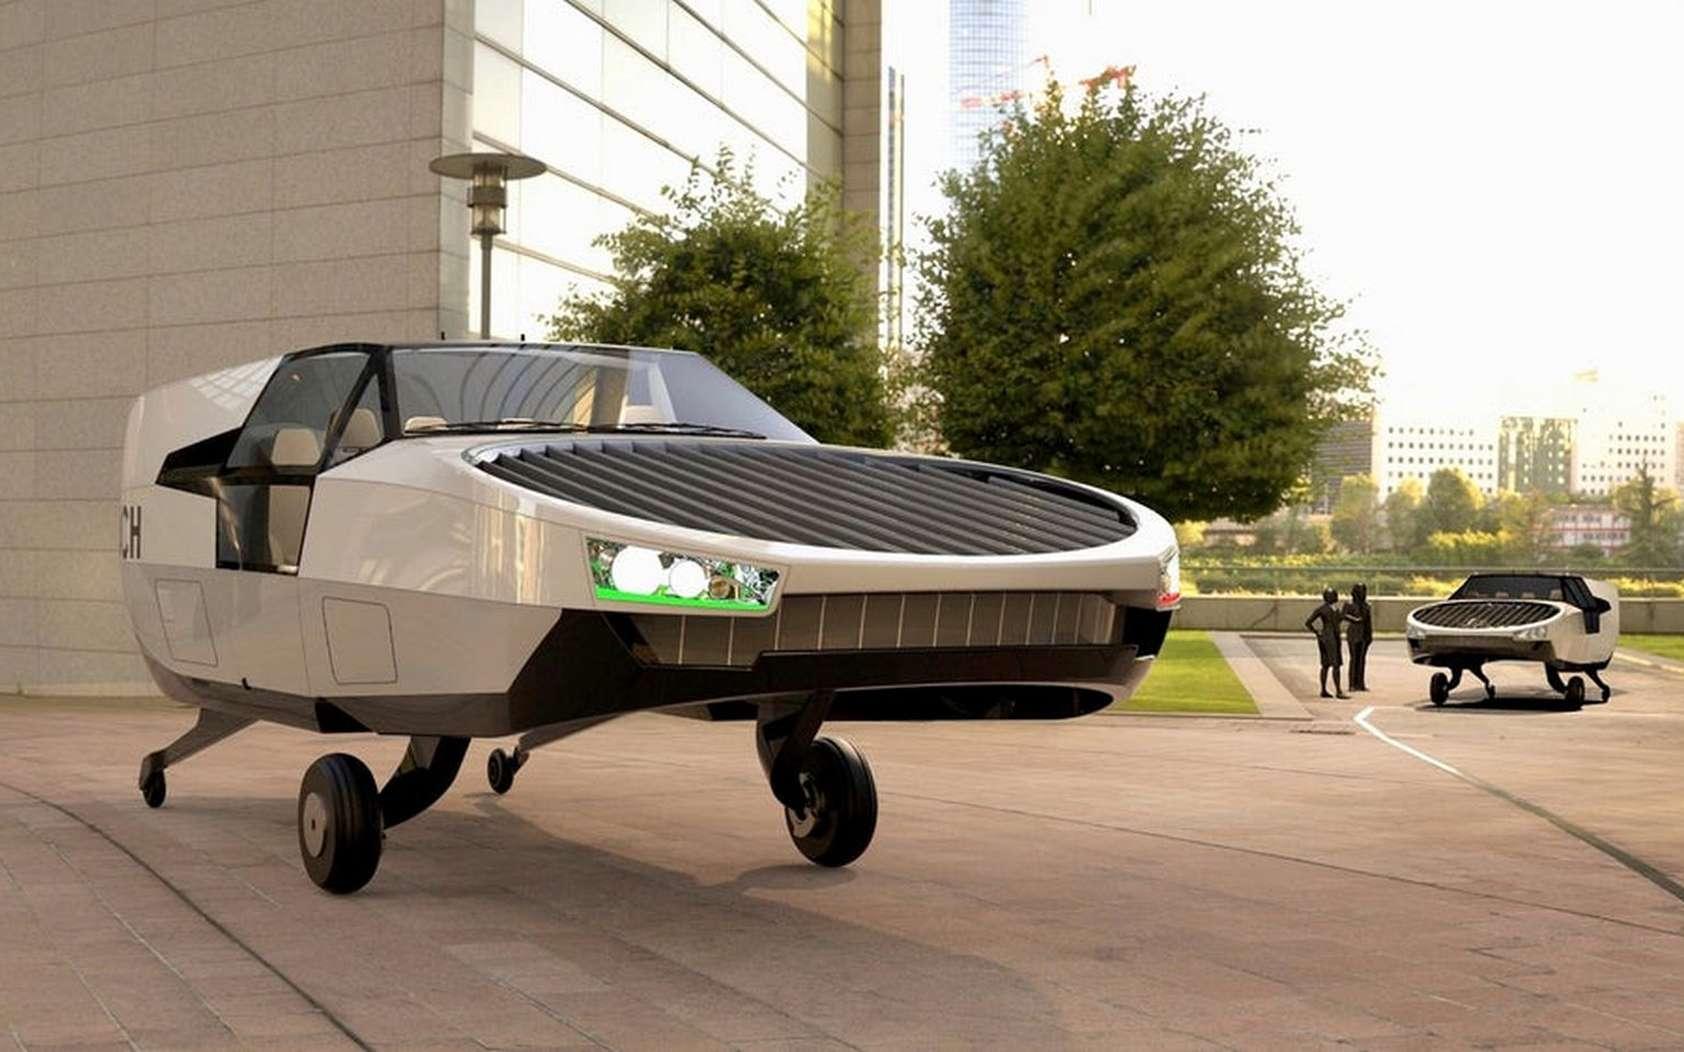 Le taxi volant CityHawk d'Urban Aeronautics est mu par deux rotors contrarotatifs. © Urban Aeronautics